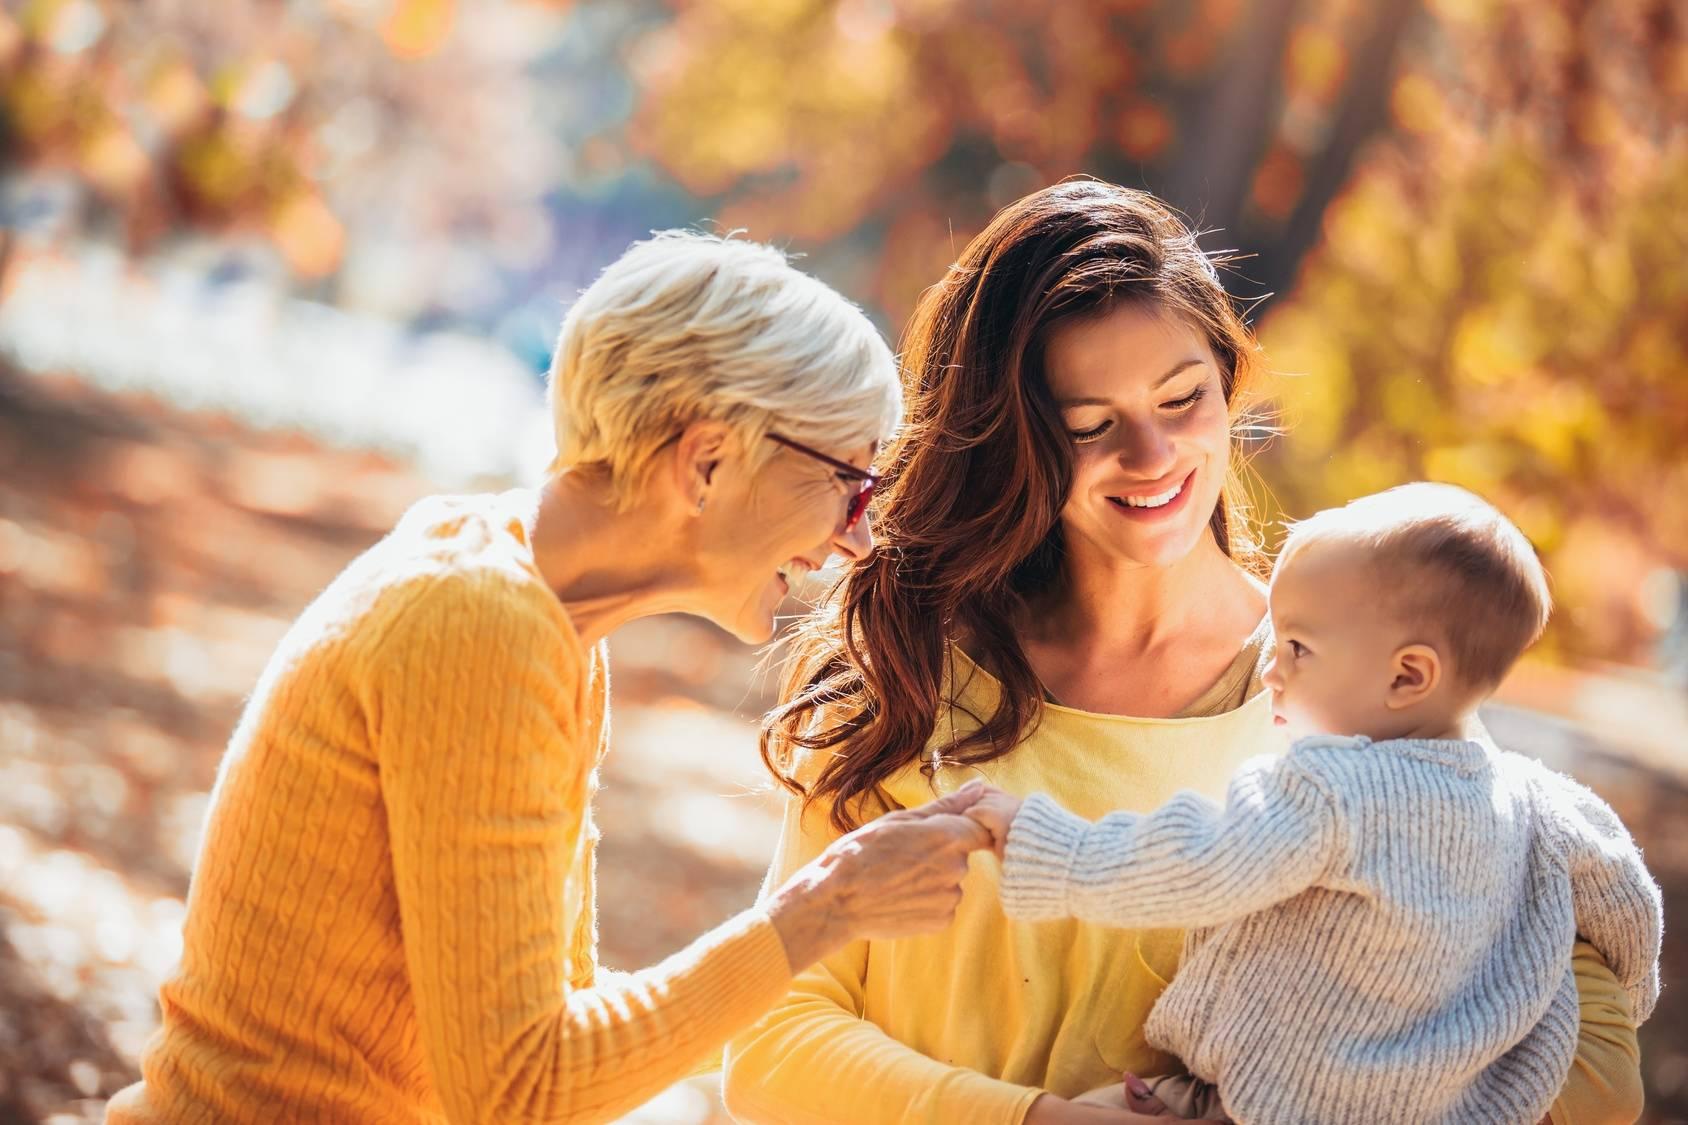 Relacje matka i córka - gdy córka zostaje matką.